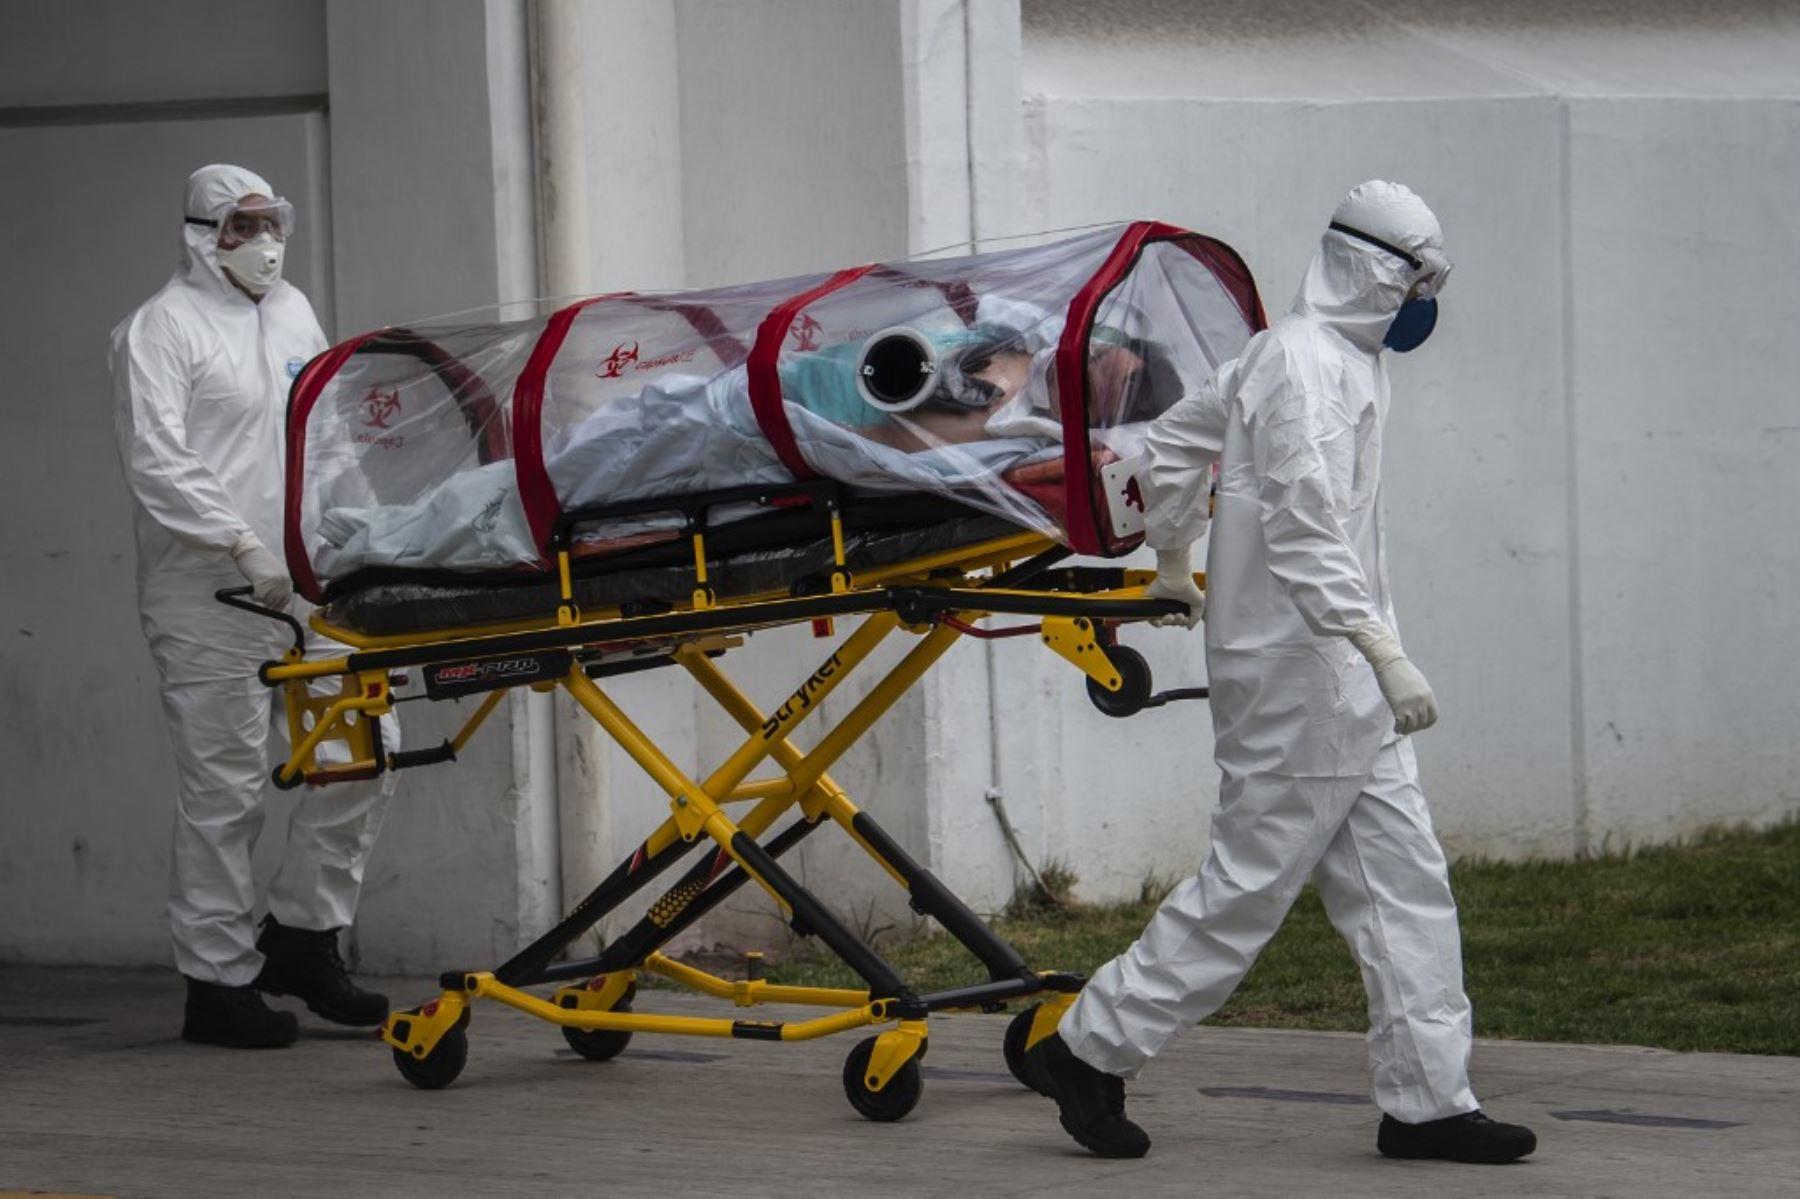 Los paramédicos de la Cruz Roja llevan a un paciente sospechoso de estar infectado con el nuevo coronavirus al hospital de Traumatología del Instituto Mexicano del Seguro Social (IMSS), en la Ciudad de México. Foto: AFP